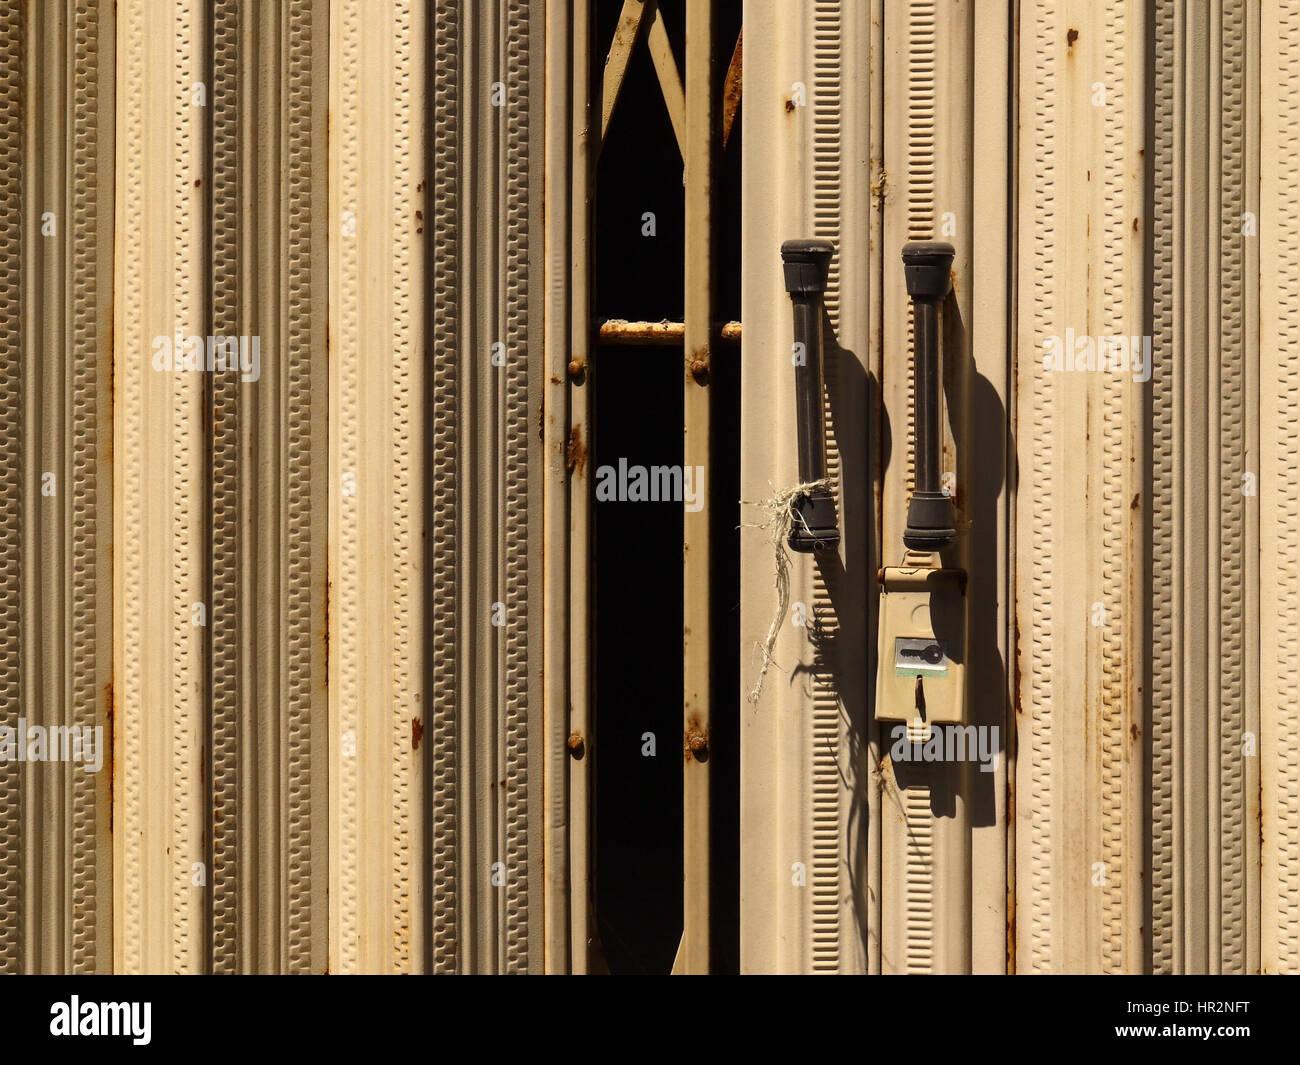 Half-closed metal concertina door close-up view. Bali Indonesia - & Concertina Door Stock Photos u0026 Concertina Door Stock Images - Alamy